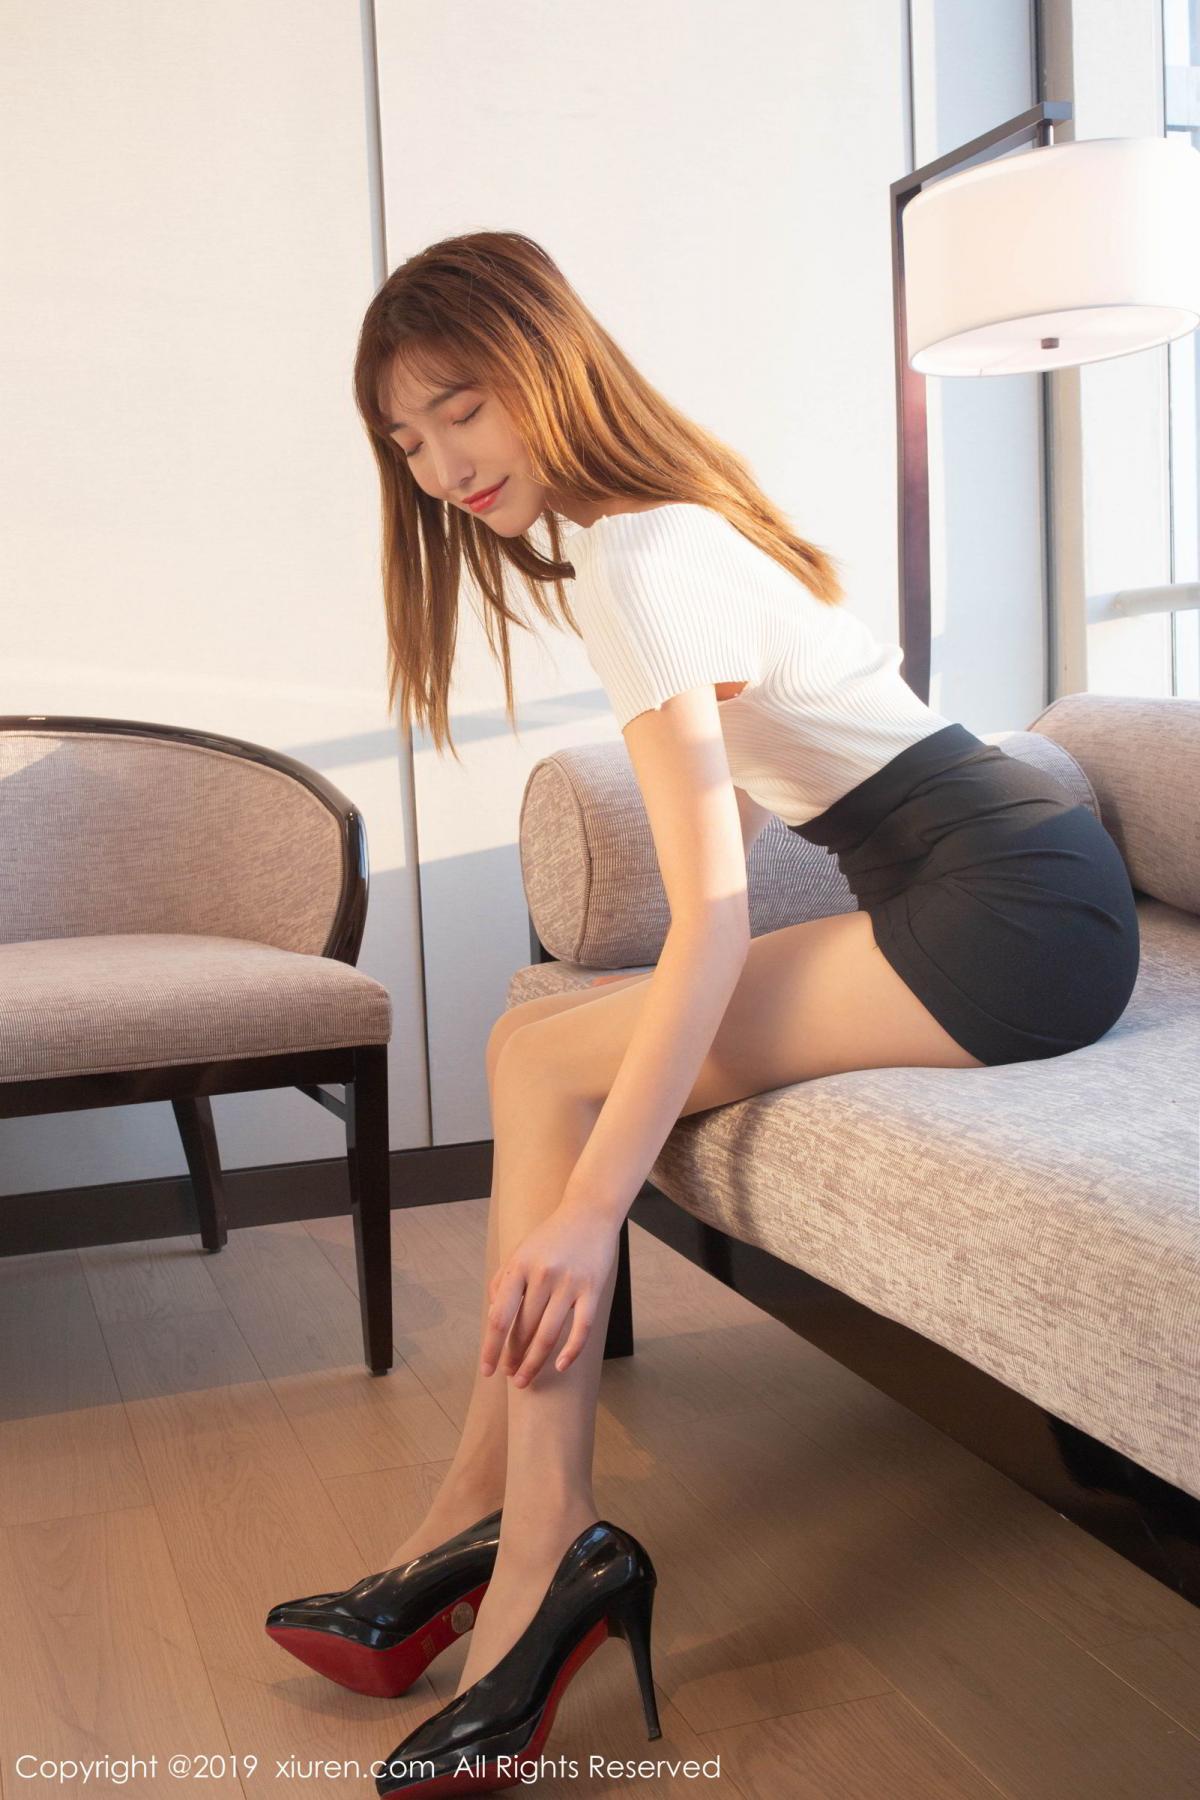 [XiuRen] Vol.1657 Lu Xuan Xuan 29P, Lu Xuan Xuan, Tall, Temperament, Underwear, Xiuren